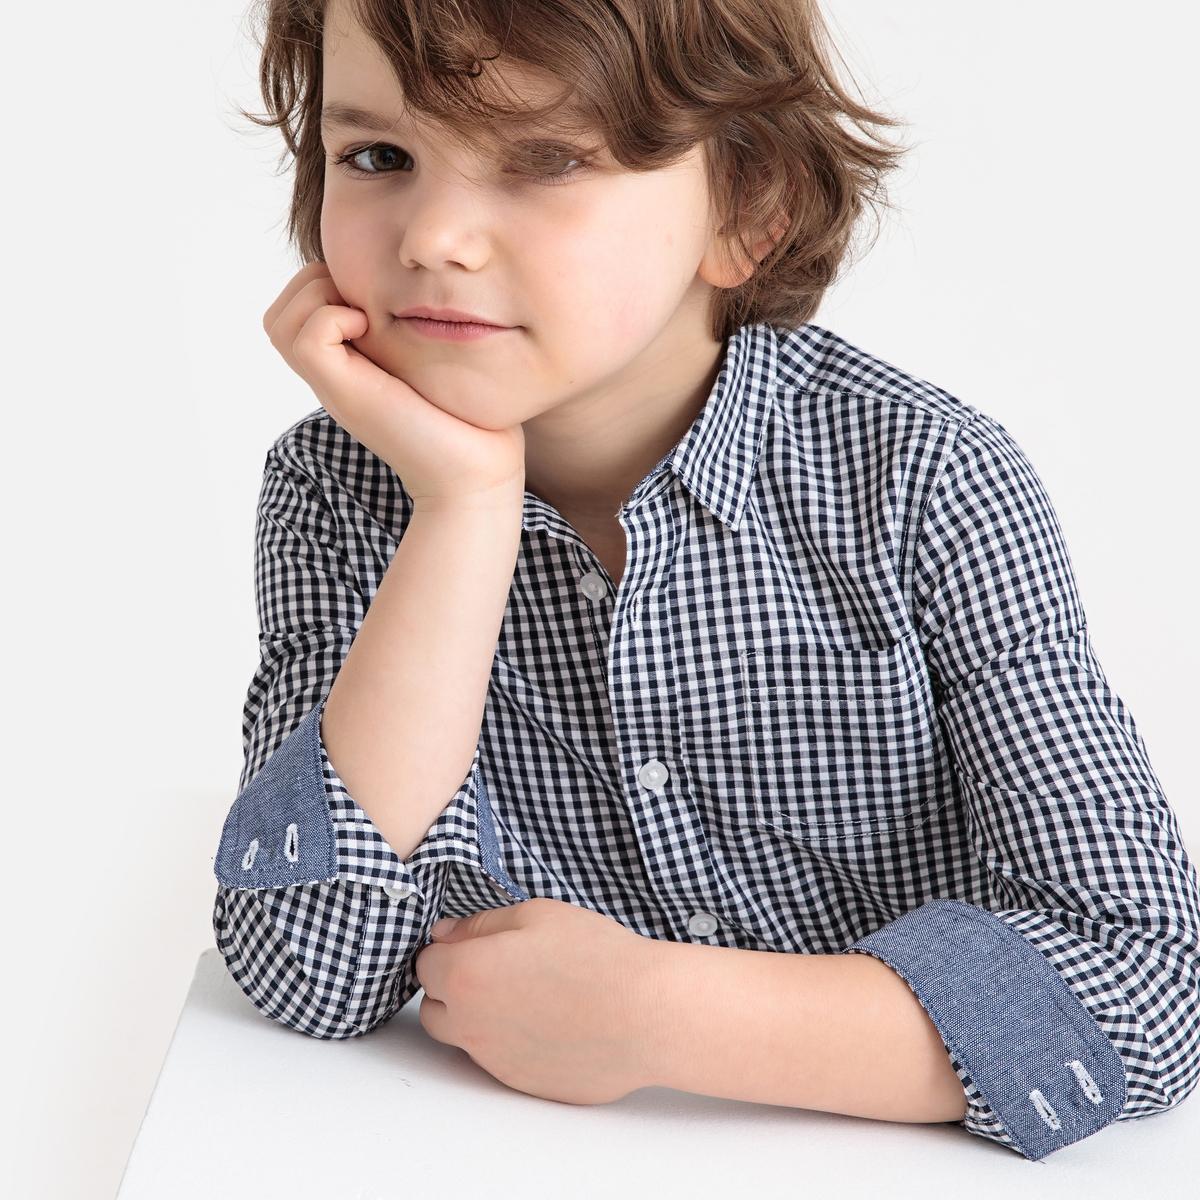 сарафан la redoute из легкого денима 5 лет 108 см синий Рубашка La Redoute В клетку с длинными рукавами 3-12 лет 5 лет - 108 см синий